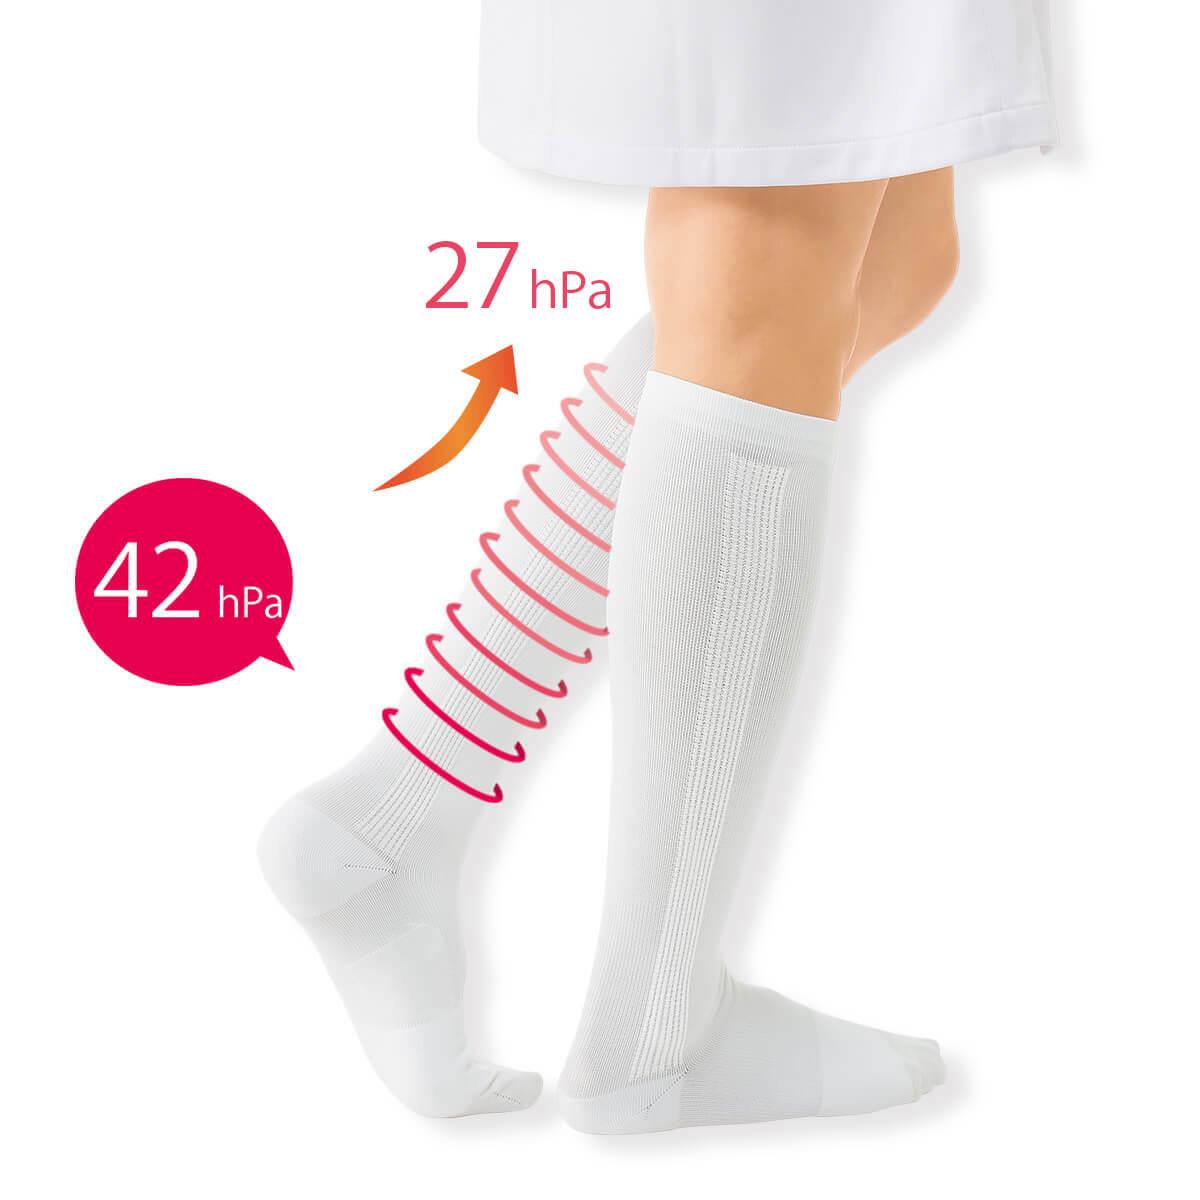 6135 ふくらはぎテーピング&アーチパネル着圧ハイソックス【医療用 白 ソックス 看護 介護 病院 靴下 ナース 女性】